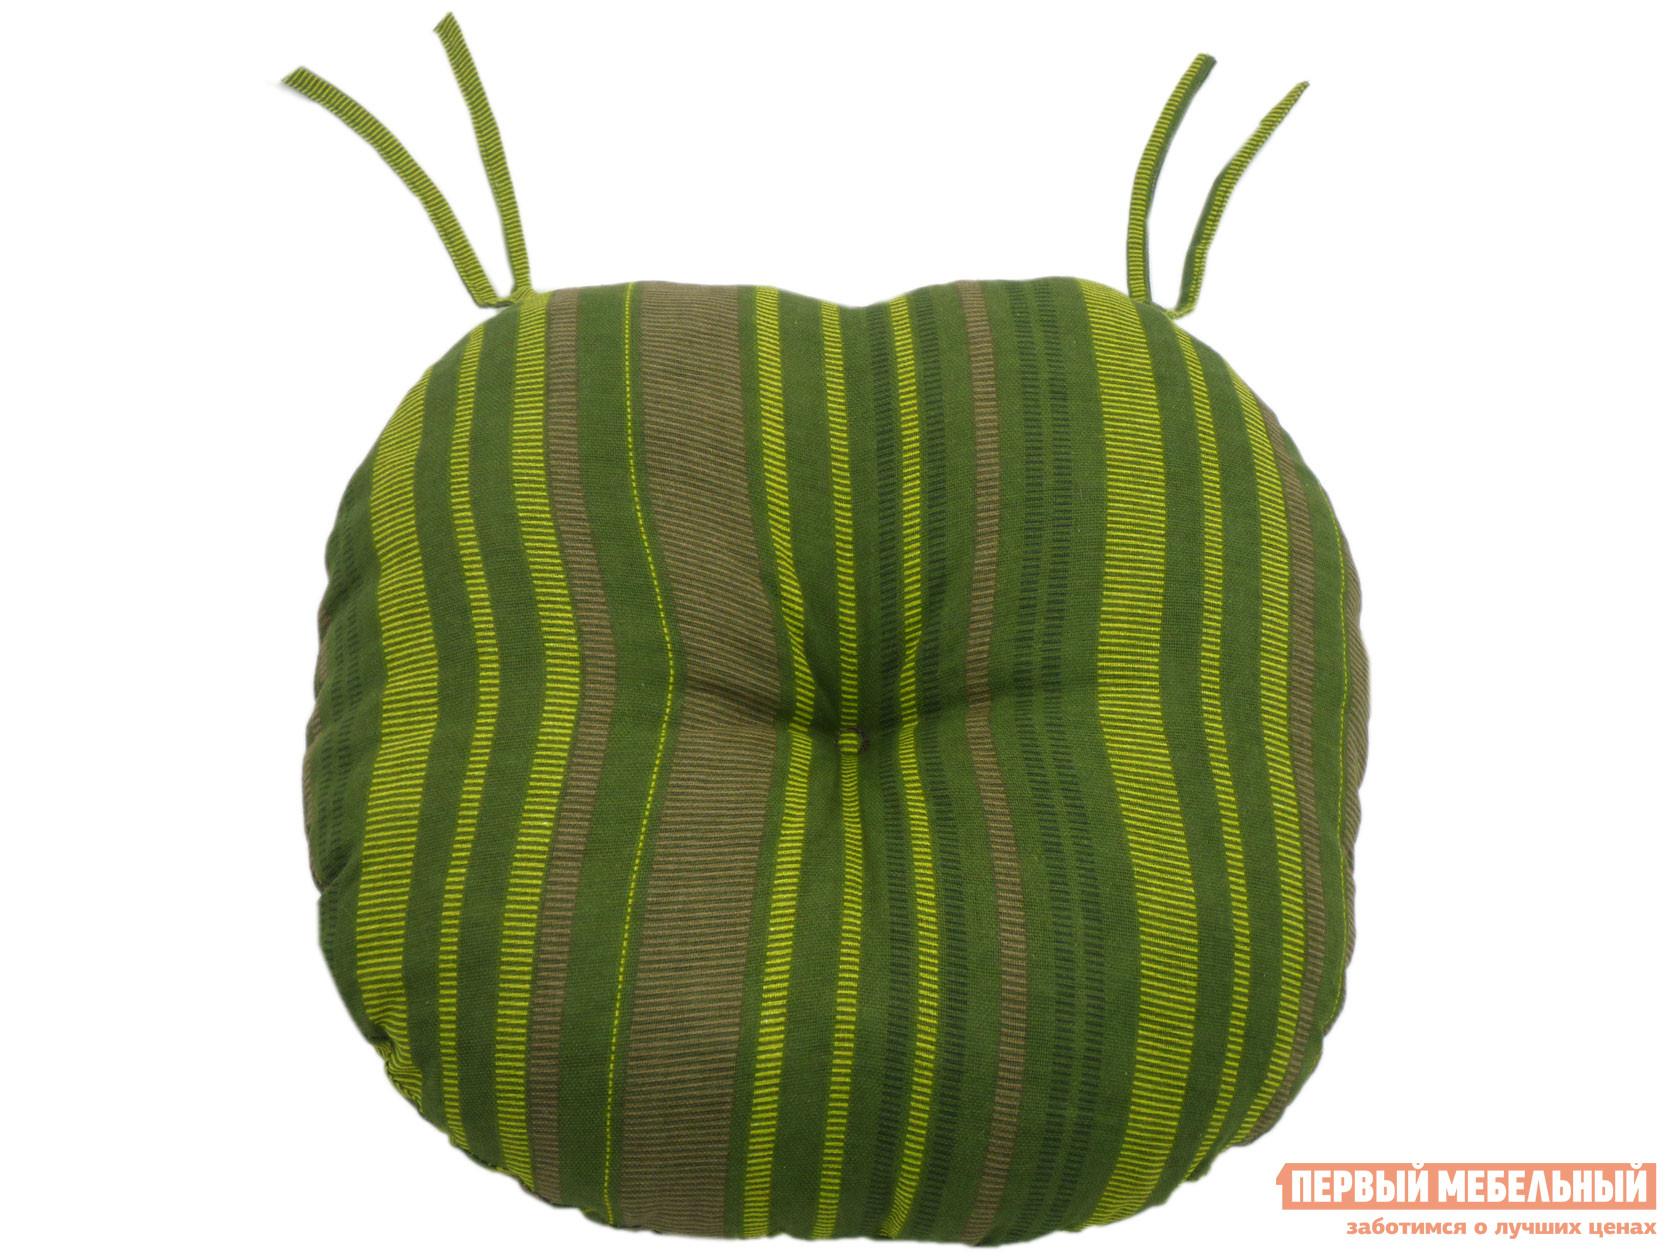 Подушка-сидушка Первый Мебельный Подушка-сидушка хлопок набивной круглая с завязками с имитацией пуговиц / Сидушка круглая D=40 с имит.пуговиц, хлопок